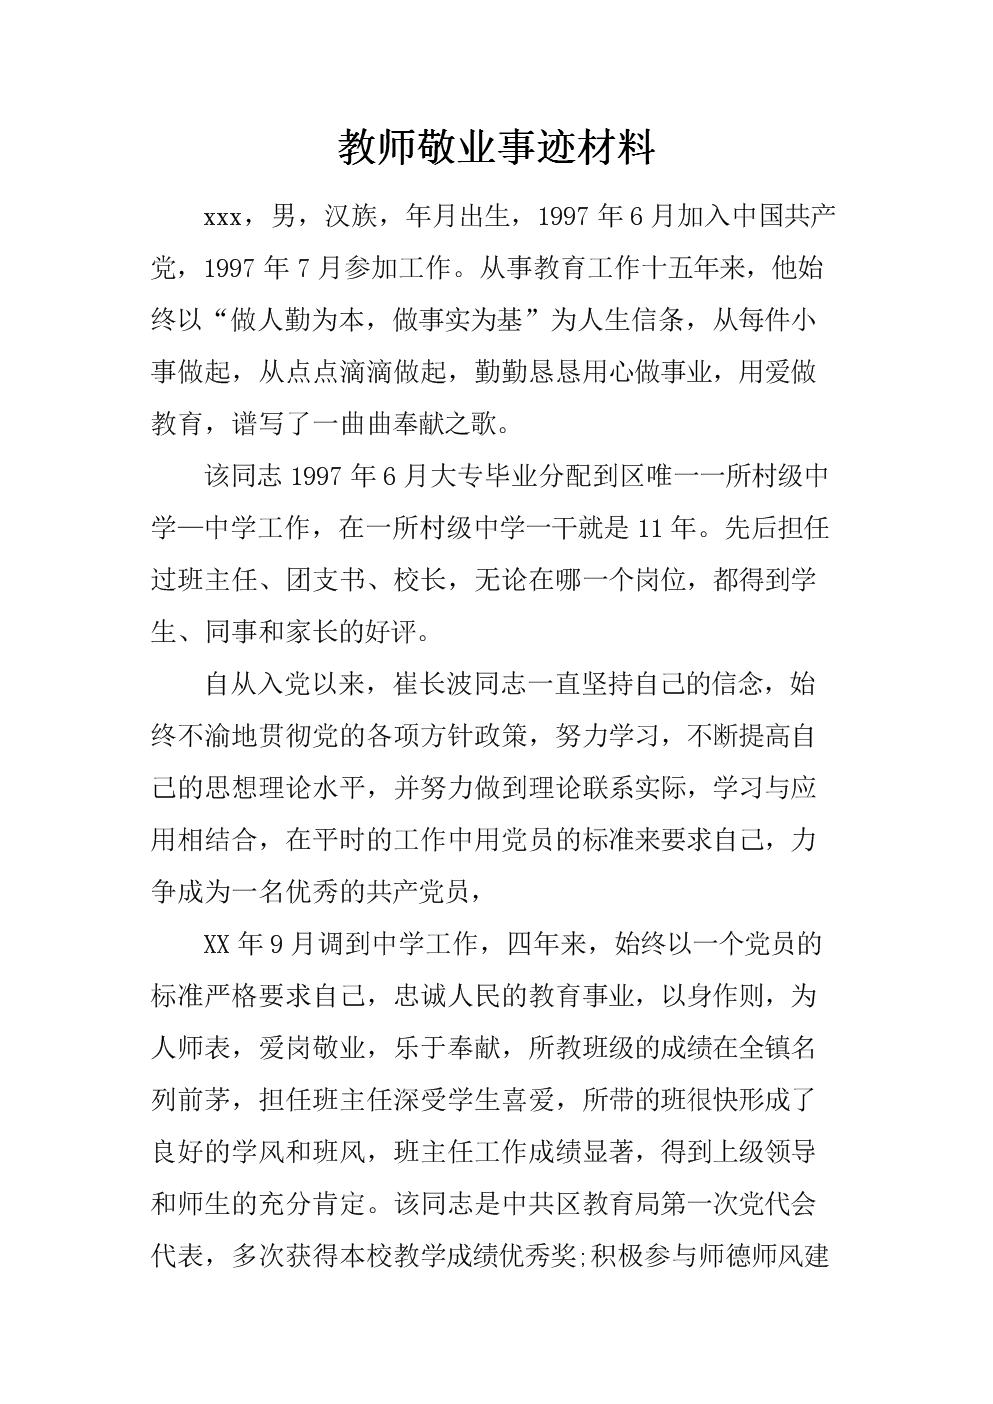 教师敬业事迹材料.docx